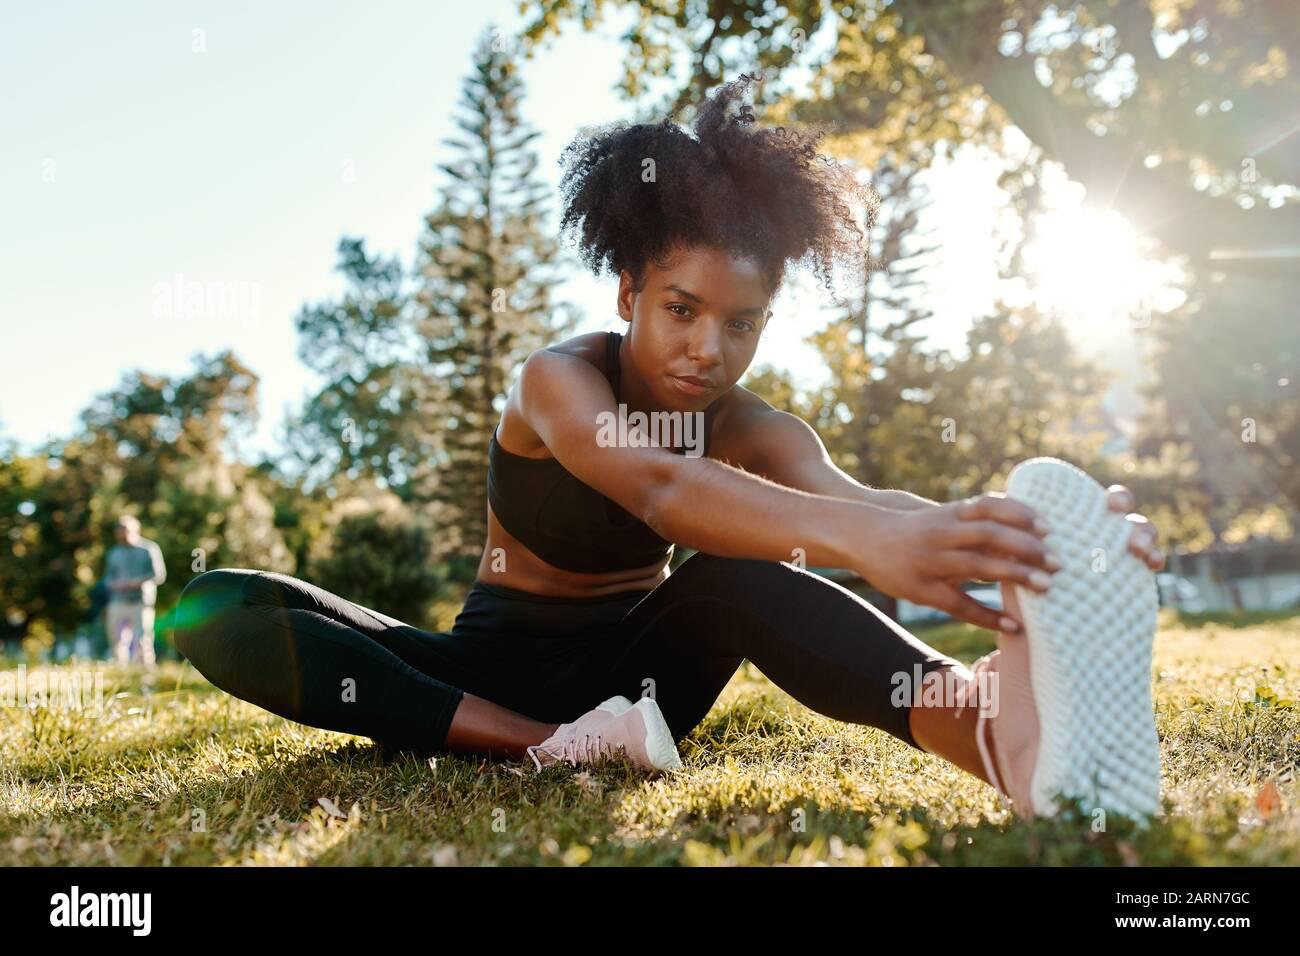 Retrato de una mujer joven afroamericana determinada sentada en hierba verde por la mañana, la luz del sol estirando las piernas mirando a la cámara Foto de stock